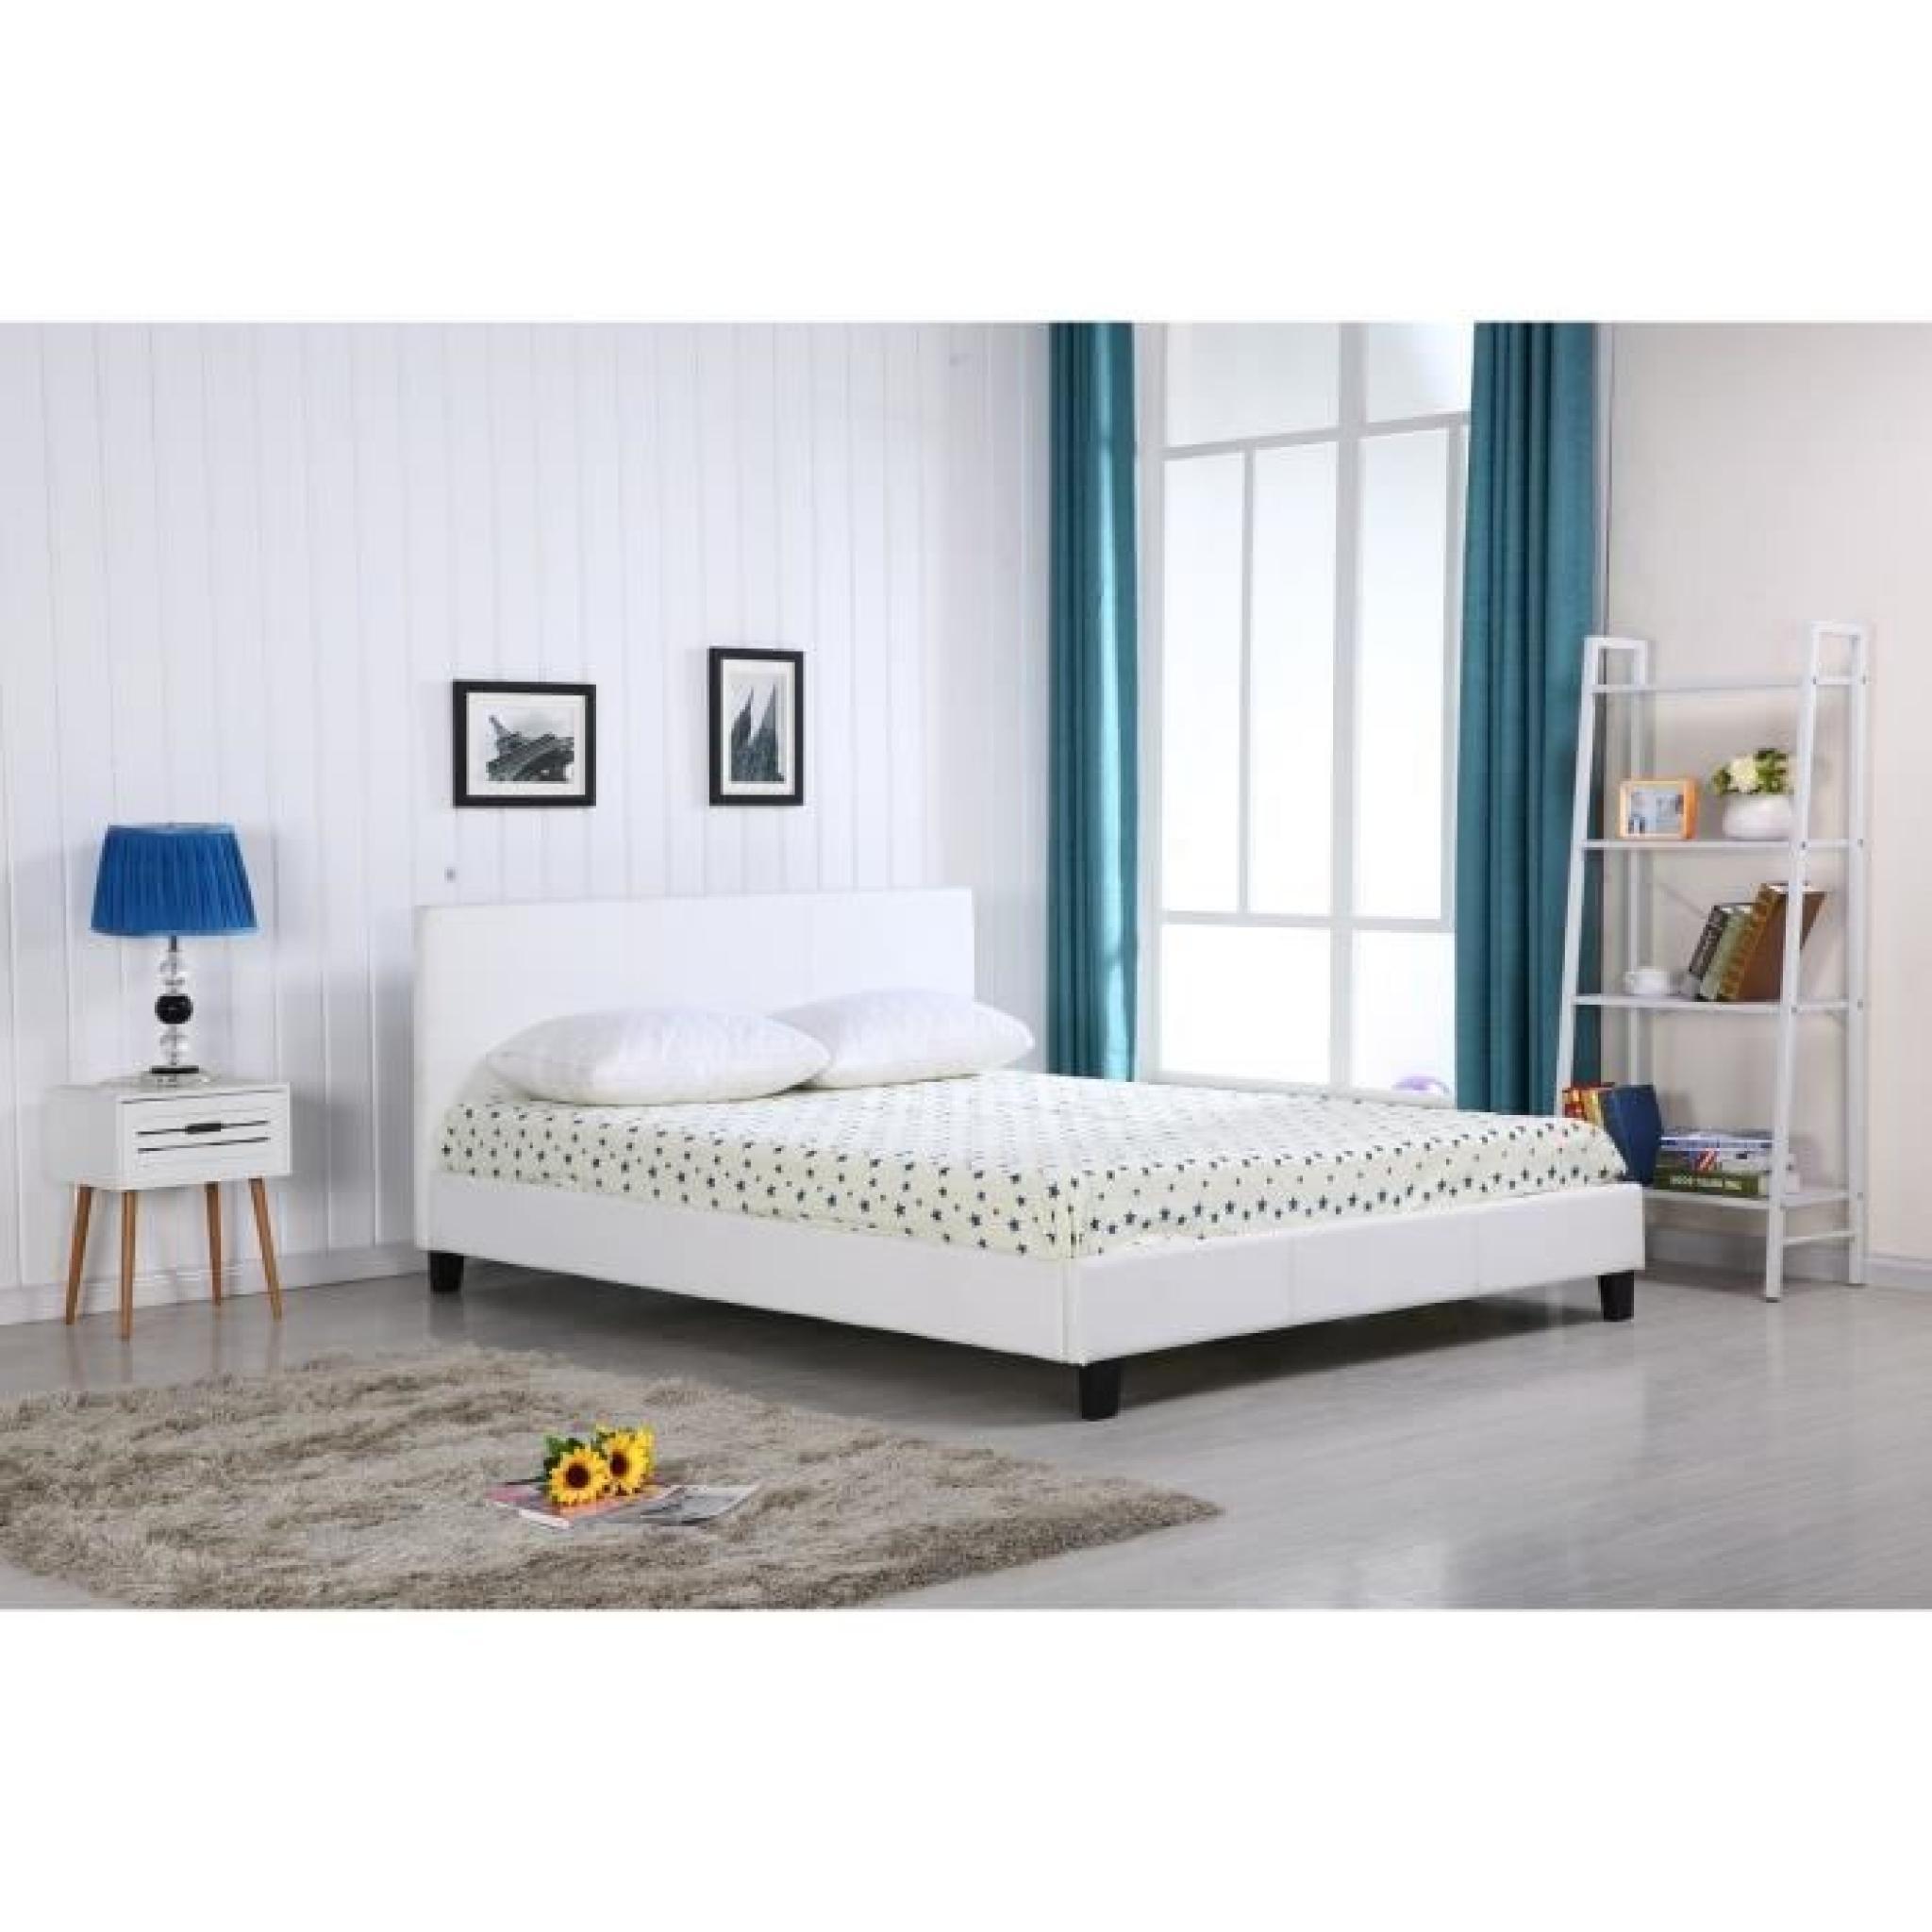 lit a led pas cher lit zalaris xcm simili argent avec leds lit vente unique with lit a led pas. Black Bedroom Furniture Sets. Home Design Ideas